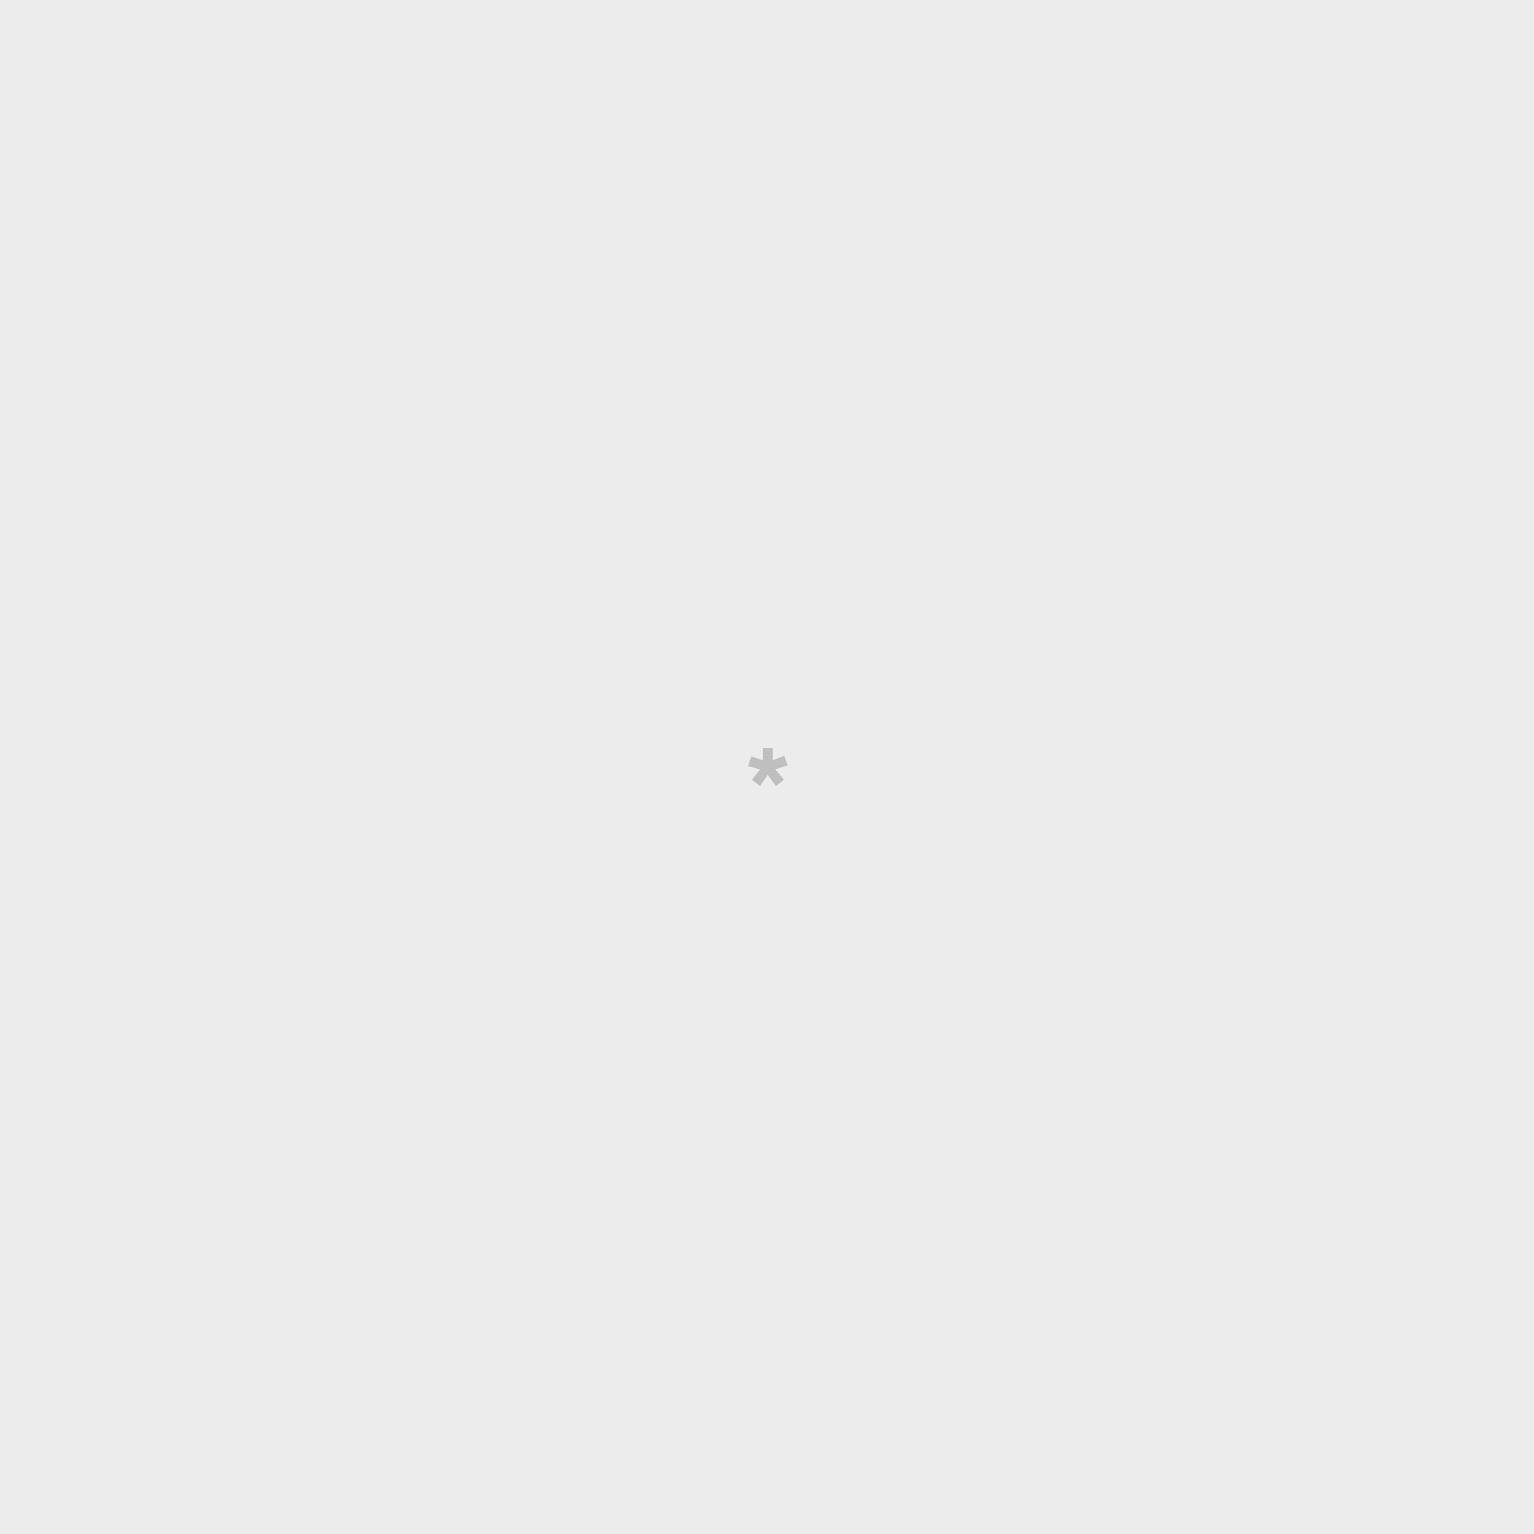 Bloc-notes et notes ahésives